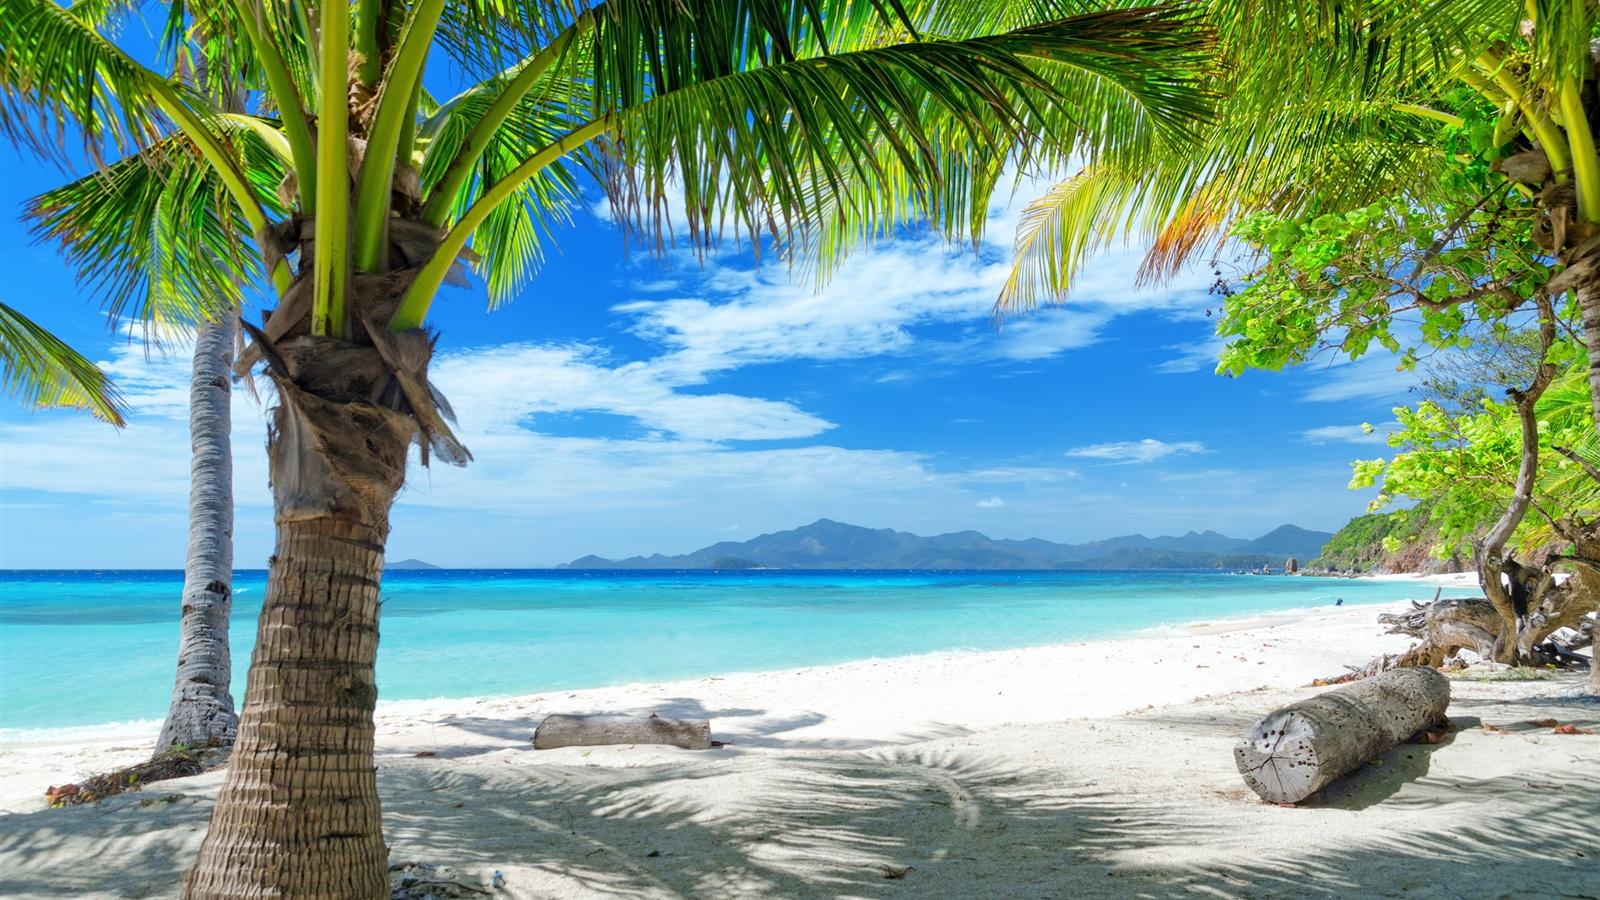 夏のビーチ、砂浜、ヤシの木 壁紙 - 1600x900